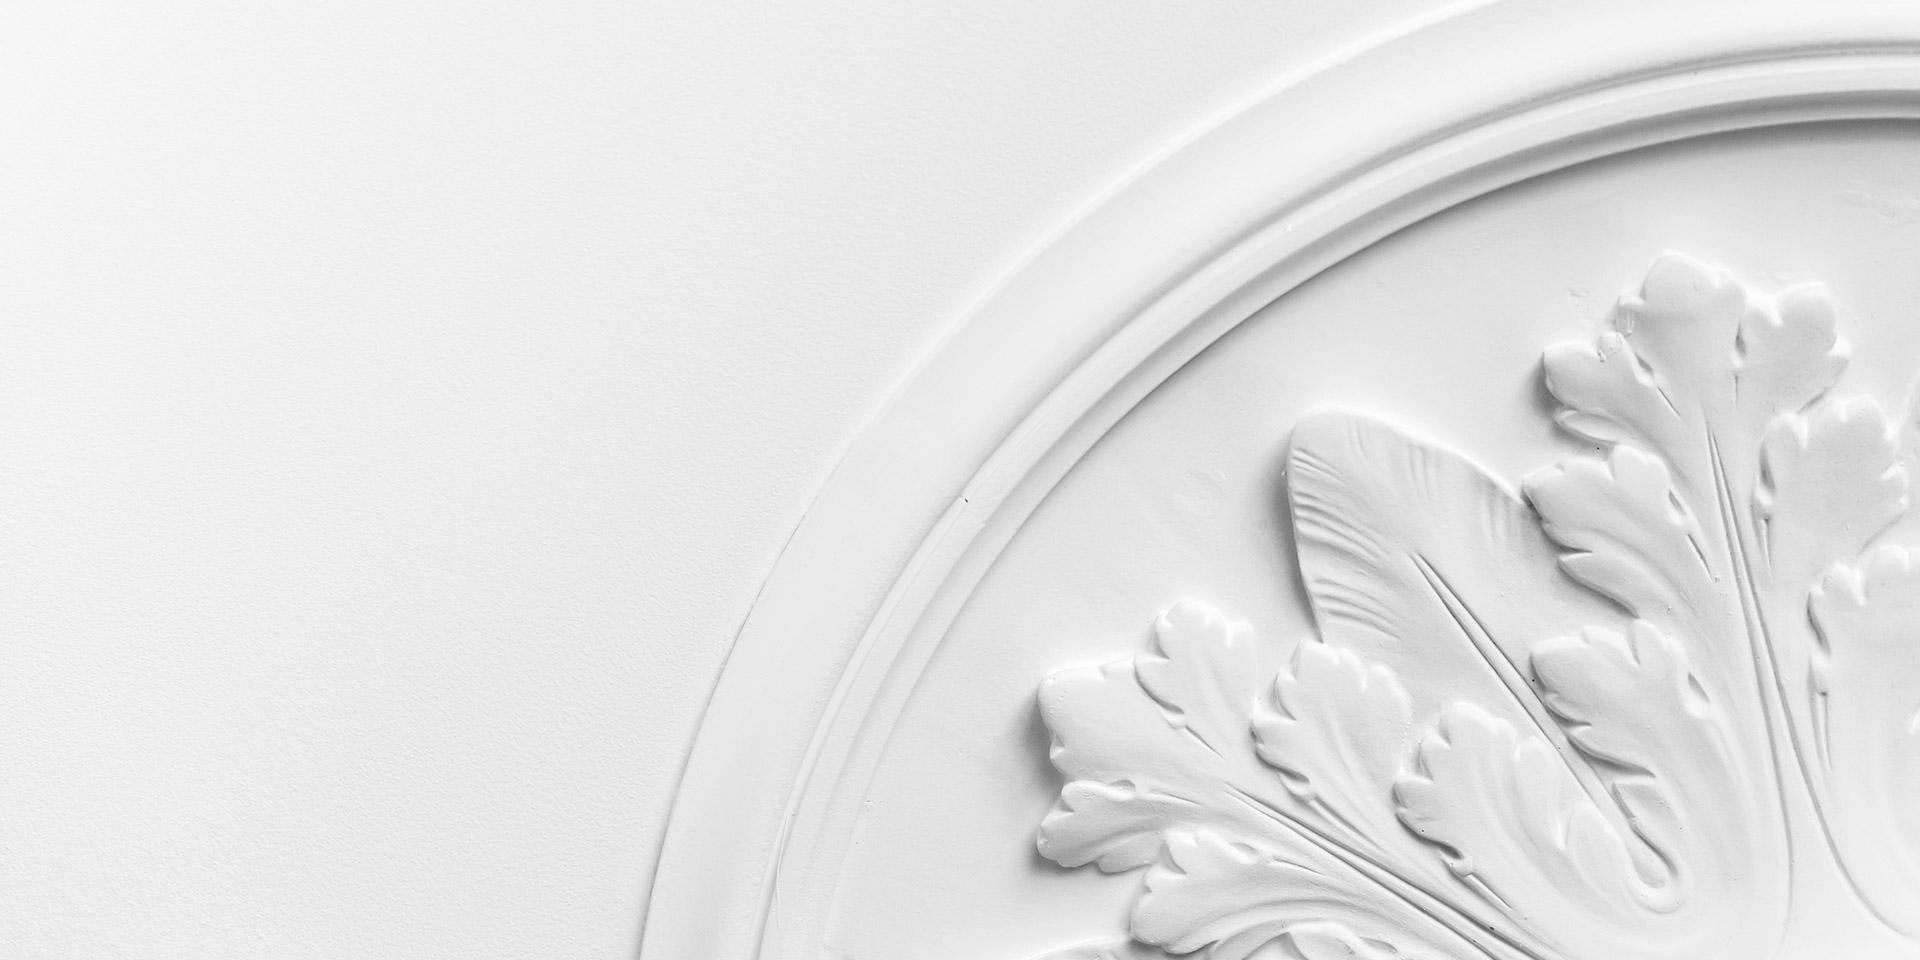 Claus Hein Malermeister Innenraumgestaltung für privat & Gewerbe: Anstrichsysteme Decken, Wände, Wandflächen, Verklebung von Zierprofilen, Stuckleisten, Raufaser, Anstrichflies, Mustertapeten.